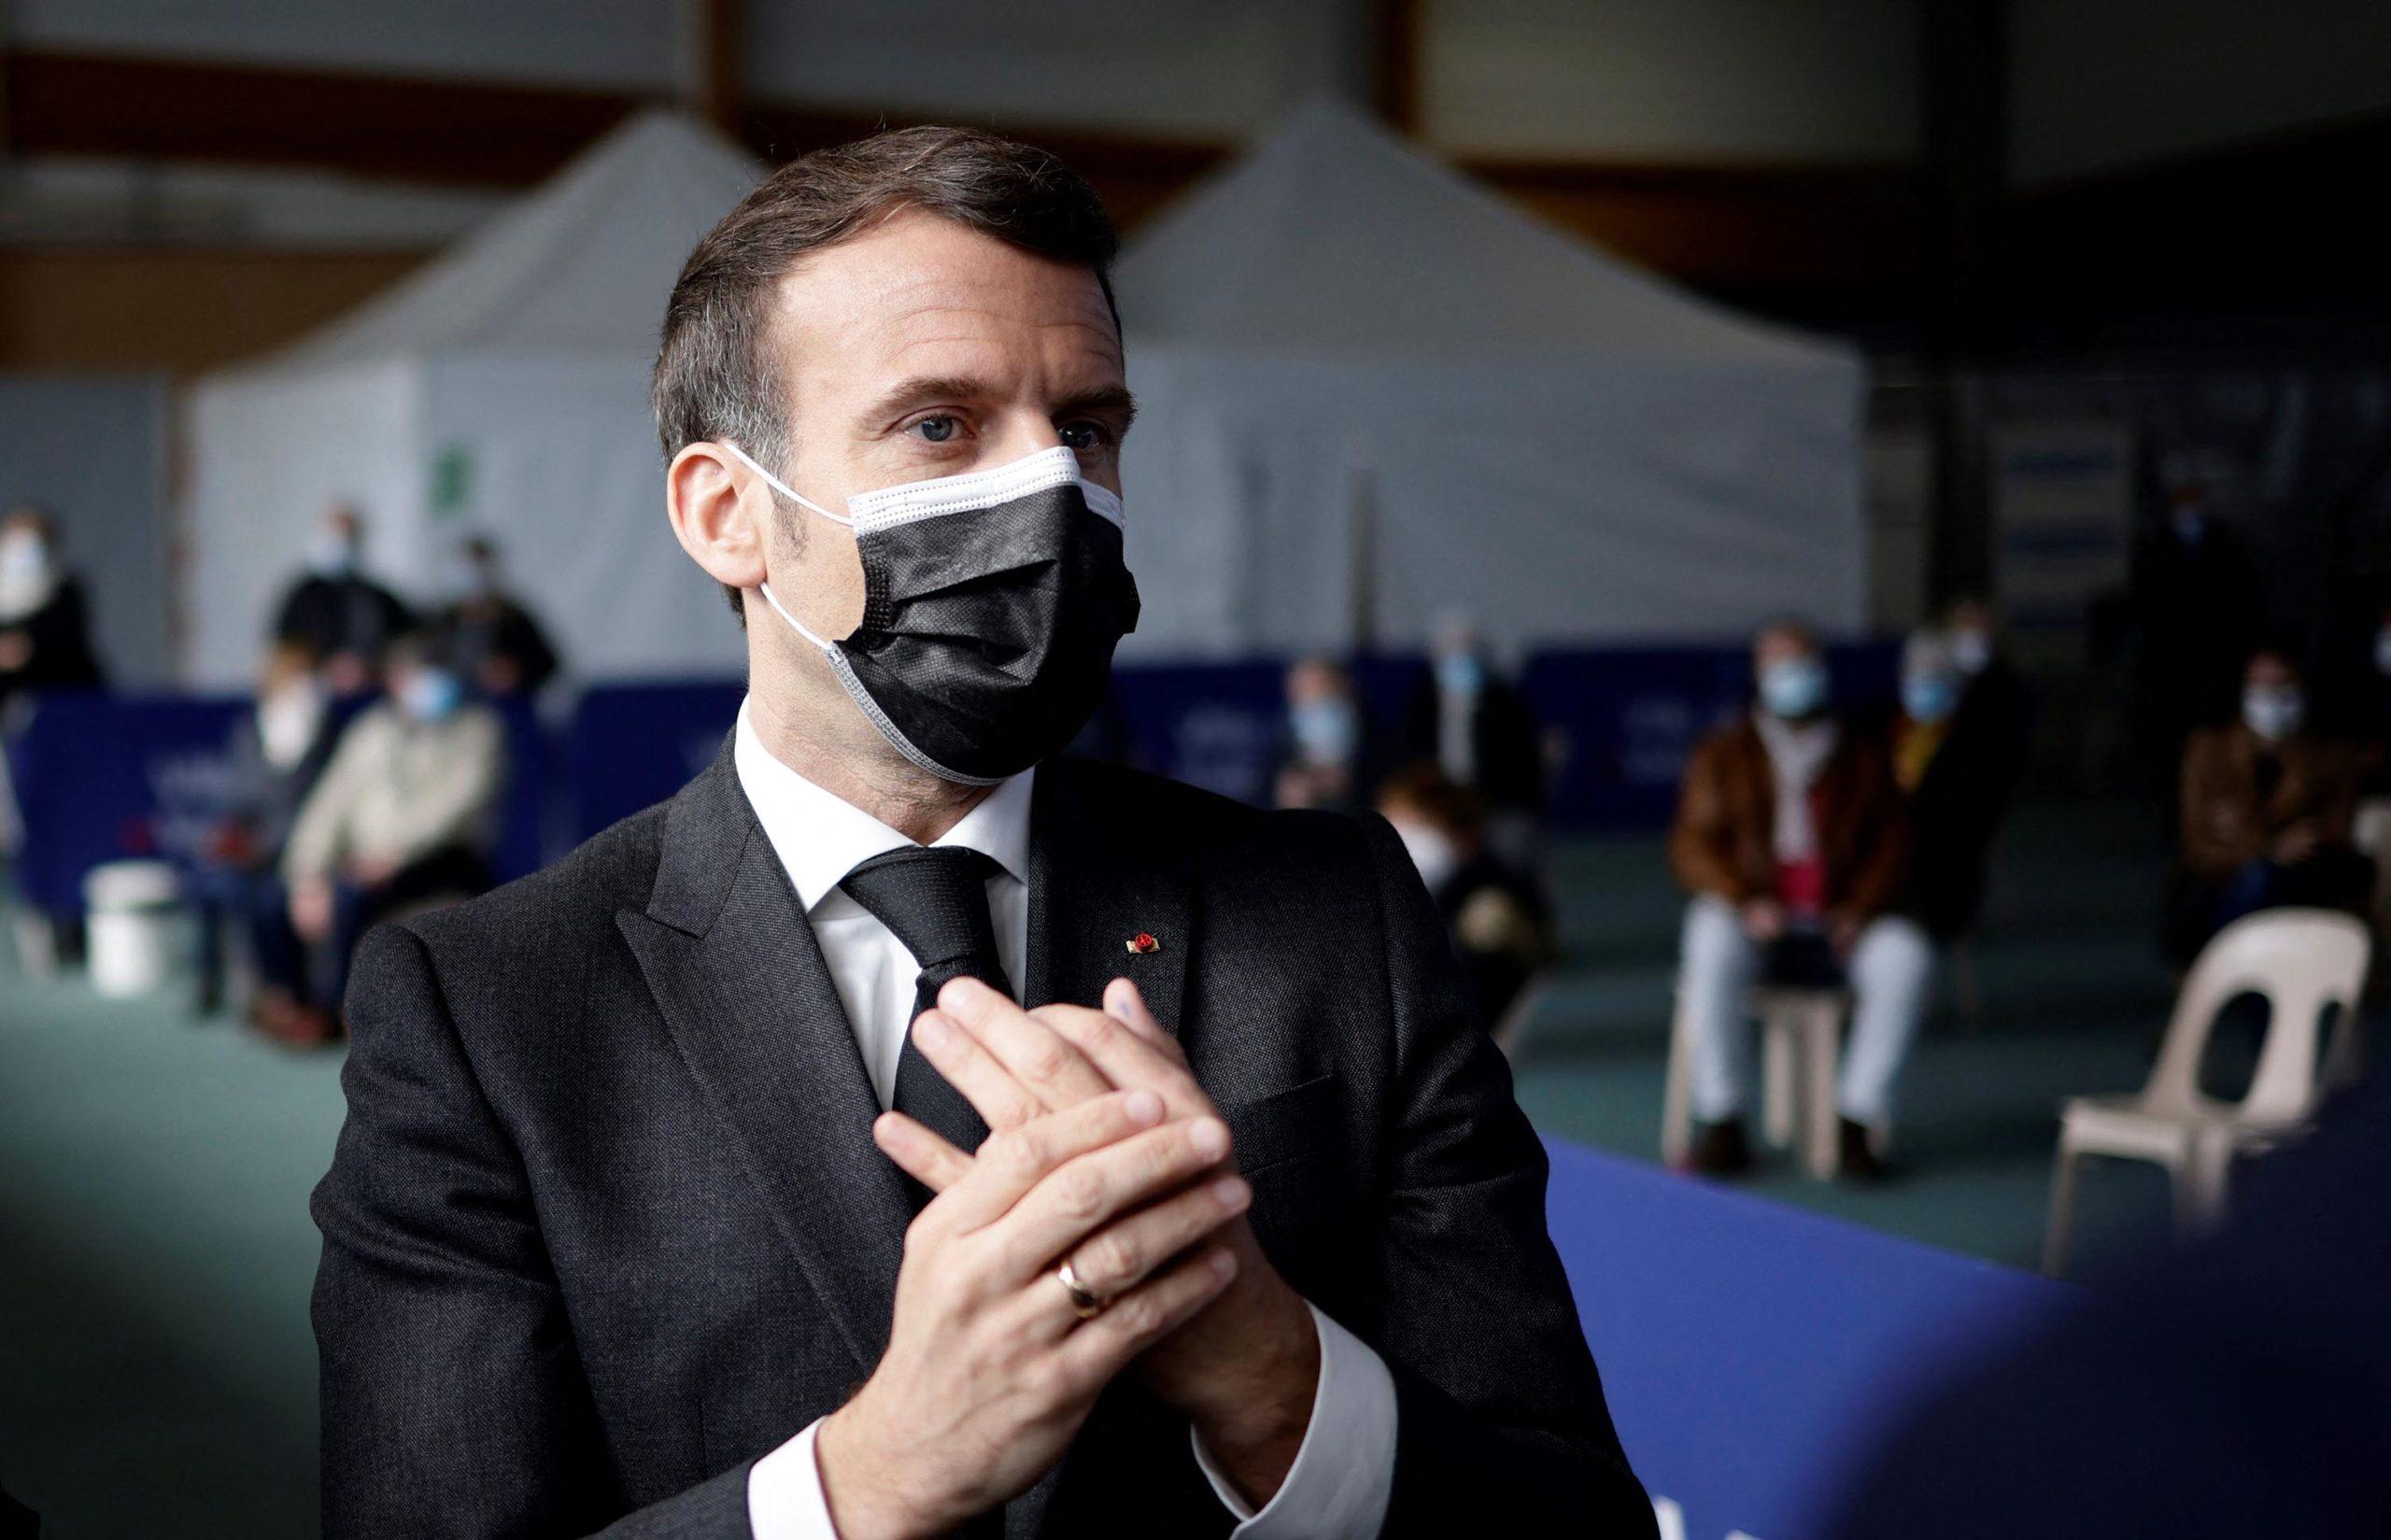 Rritja e rasteve me Covid-19, Macron pranon dështimin e fushatës së vaksinimit